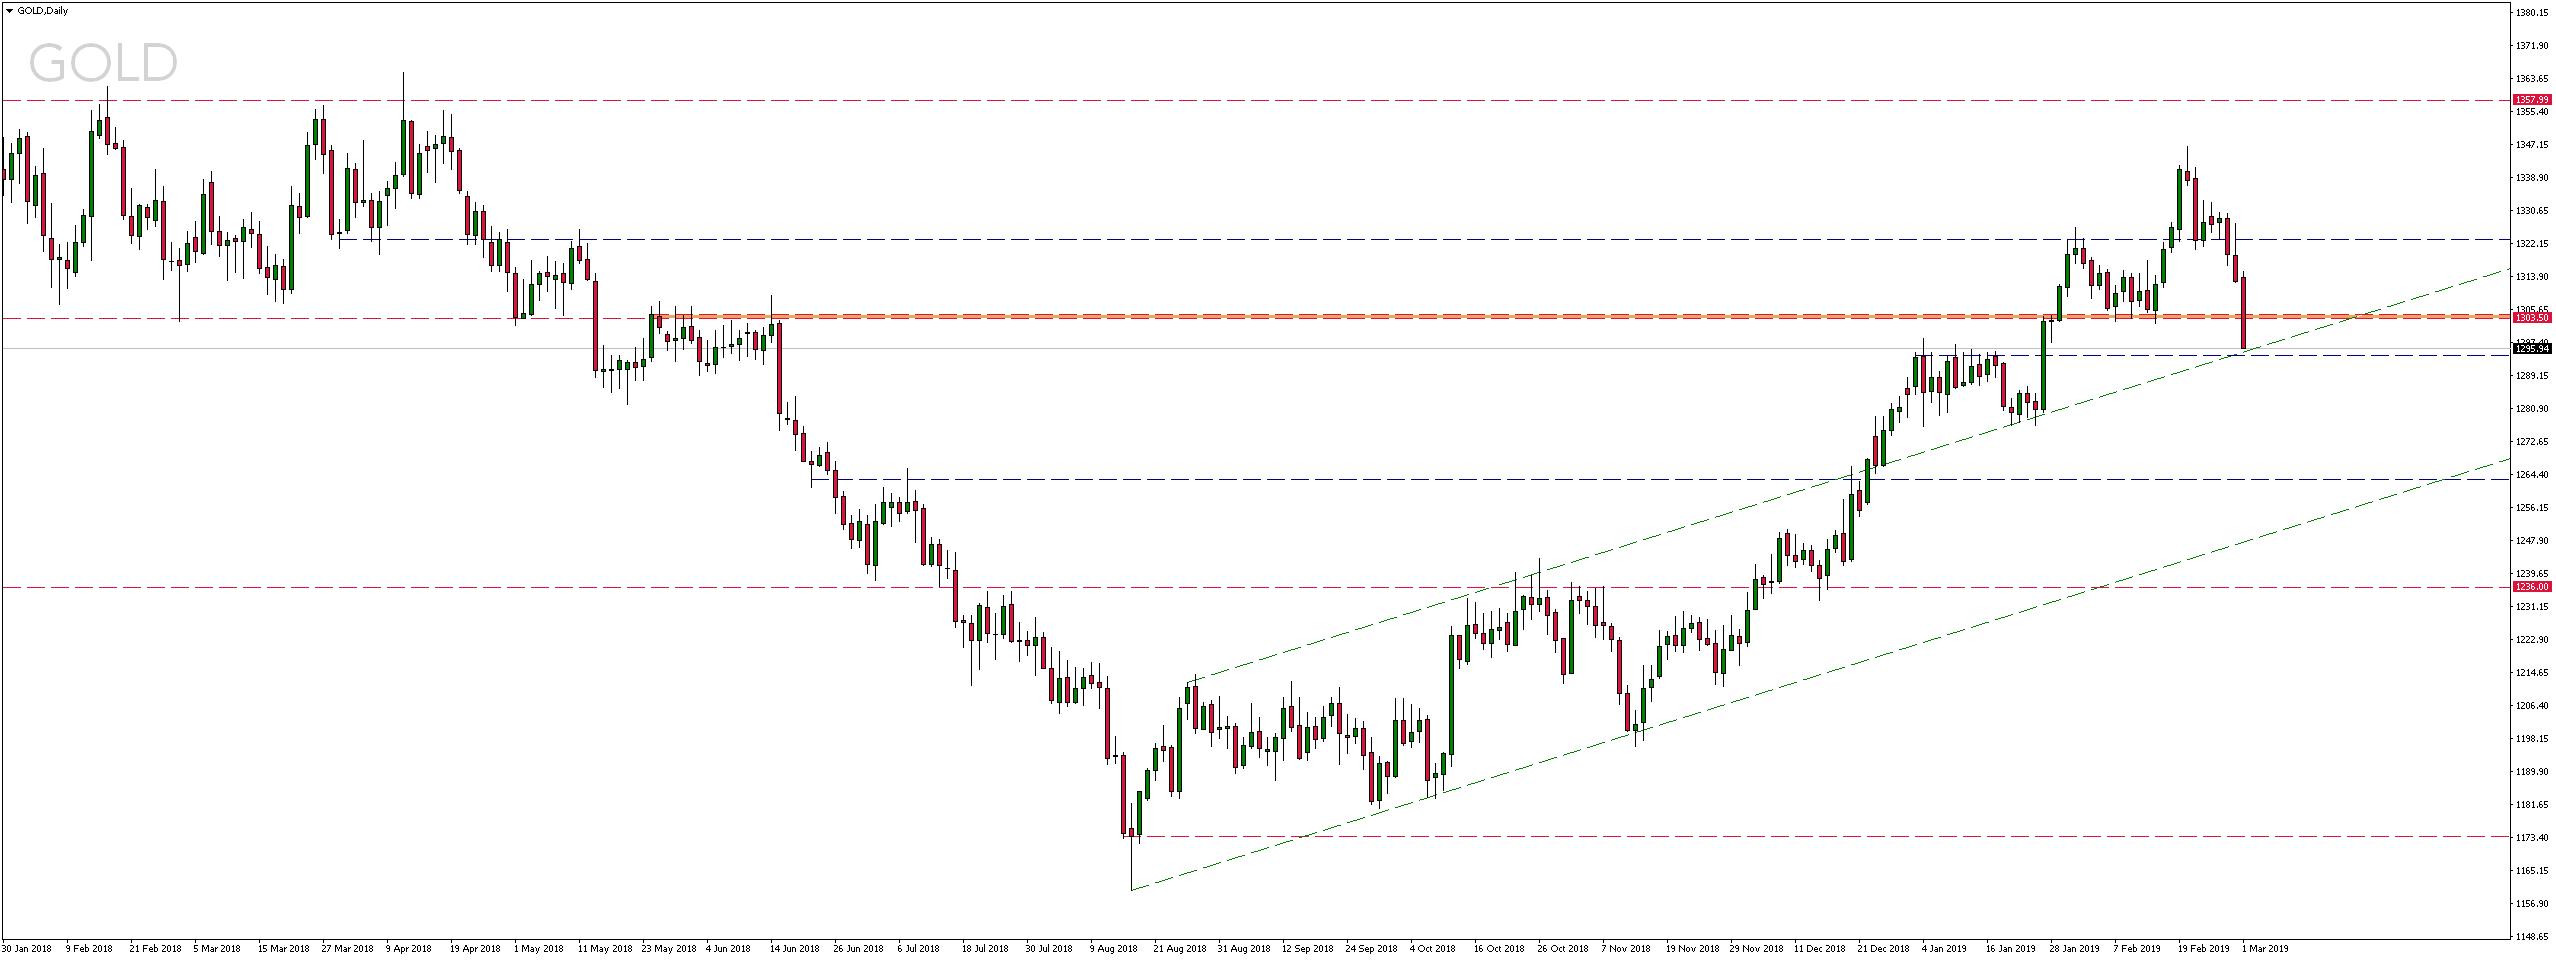 cena złota wyrażona w dolarach amerykańskich (USD)